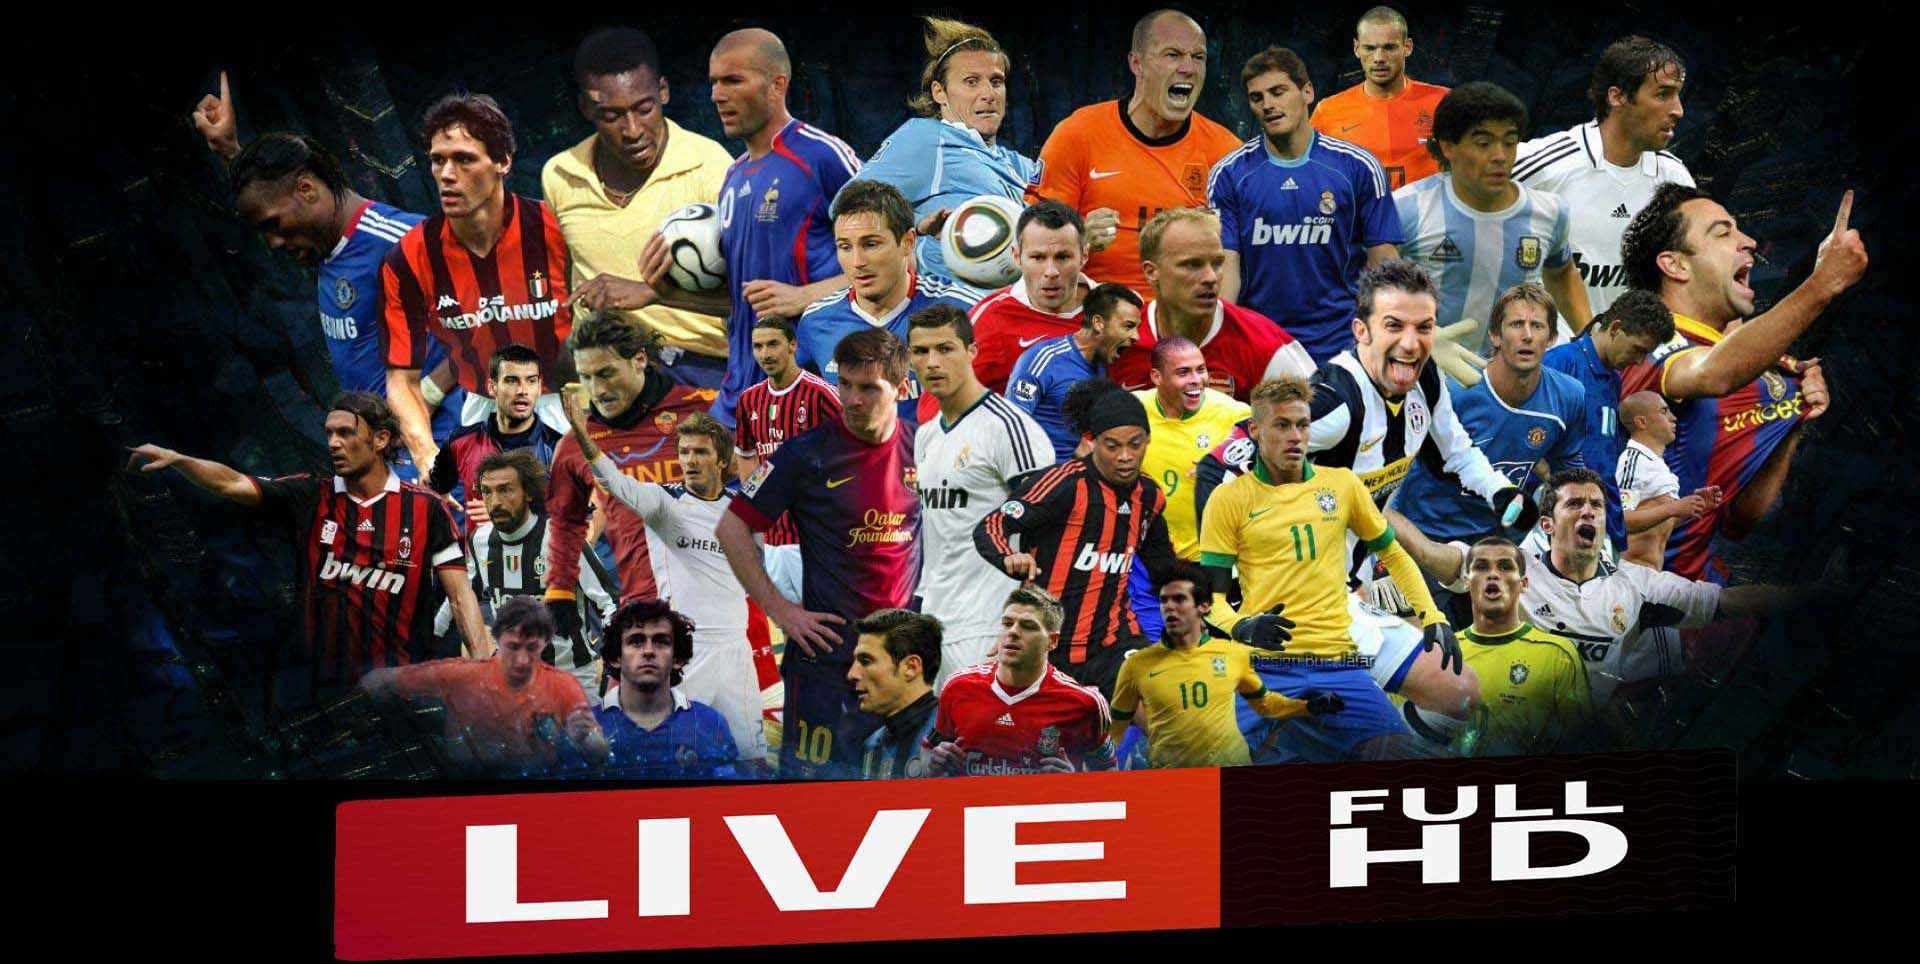 Napoli Vs Real Madrid live